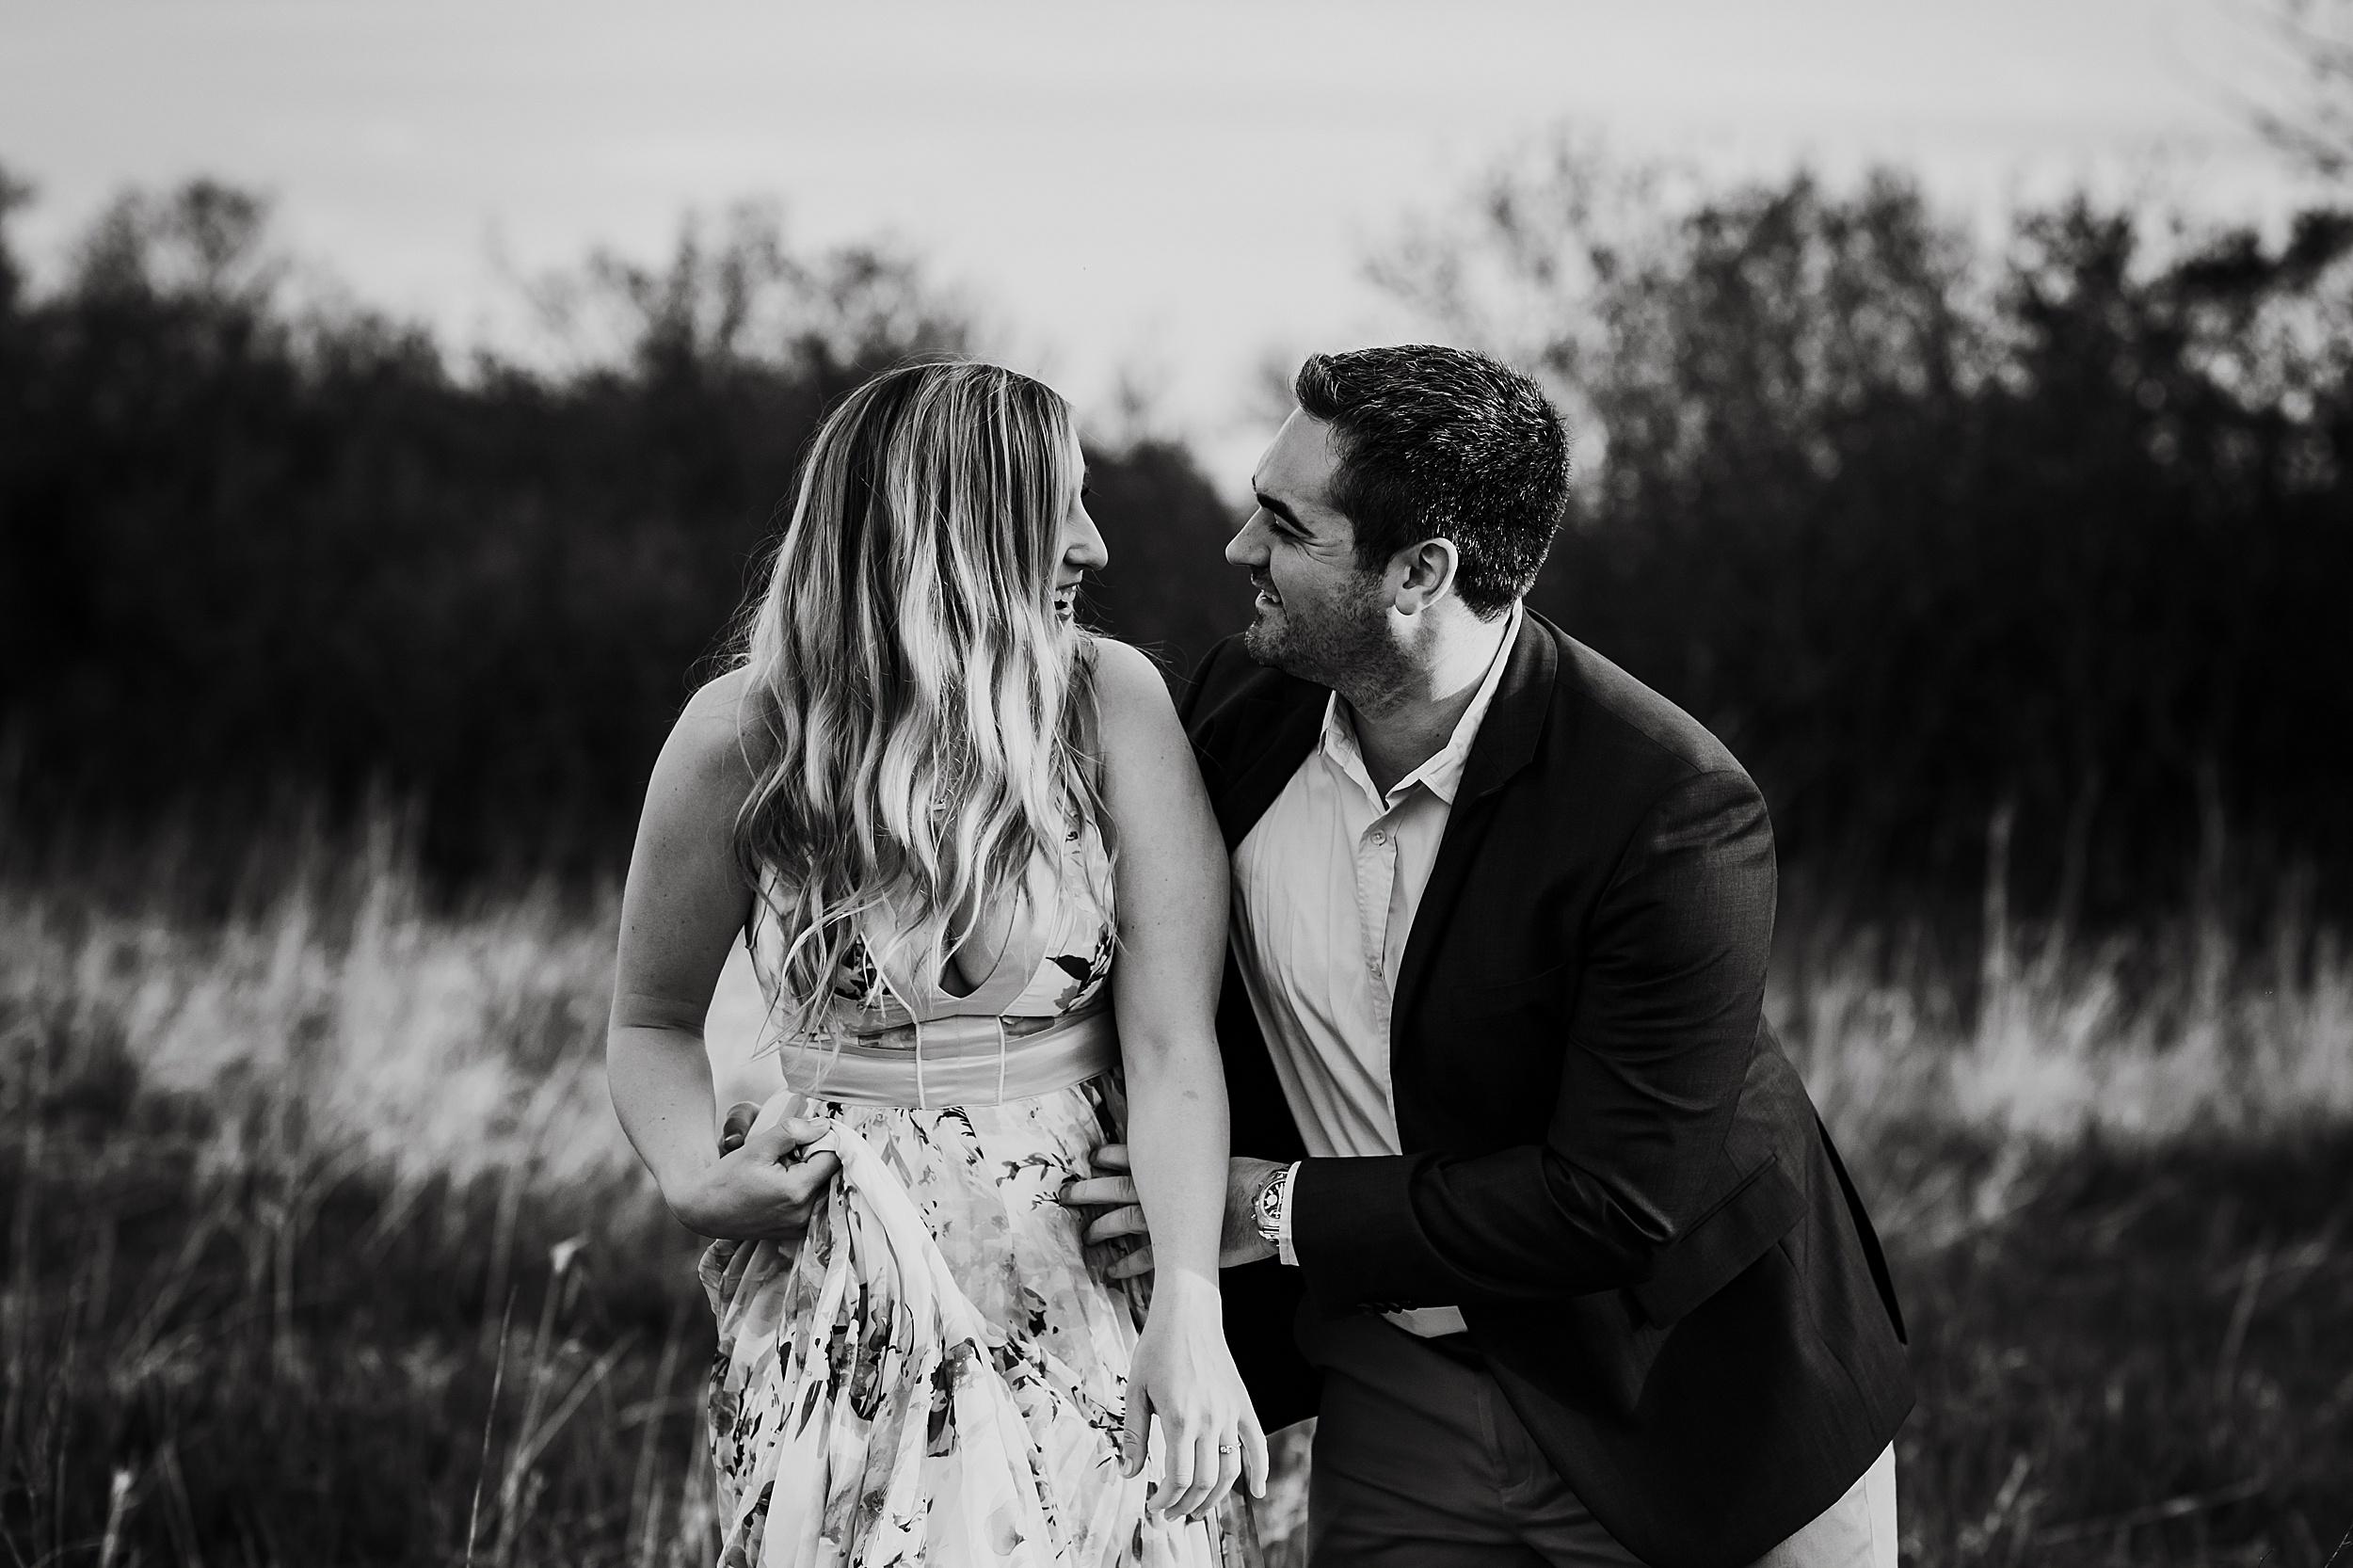 Toronto_Wedding_Photographers_Humber_Bay_Engagement_Shoot_Etobicoke_0010.jpg